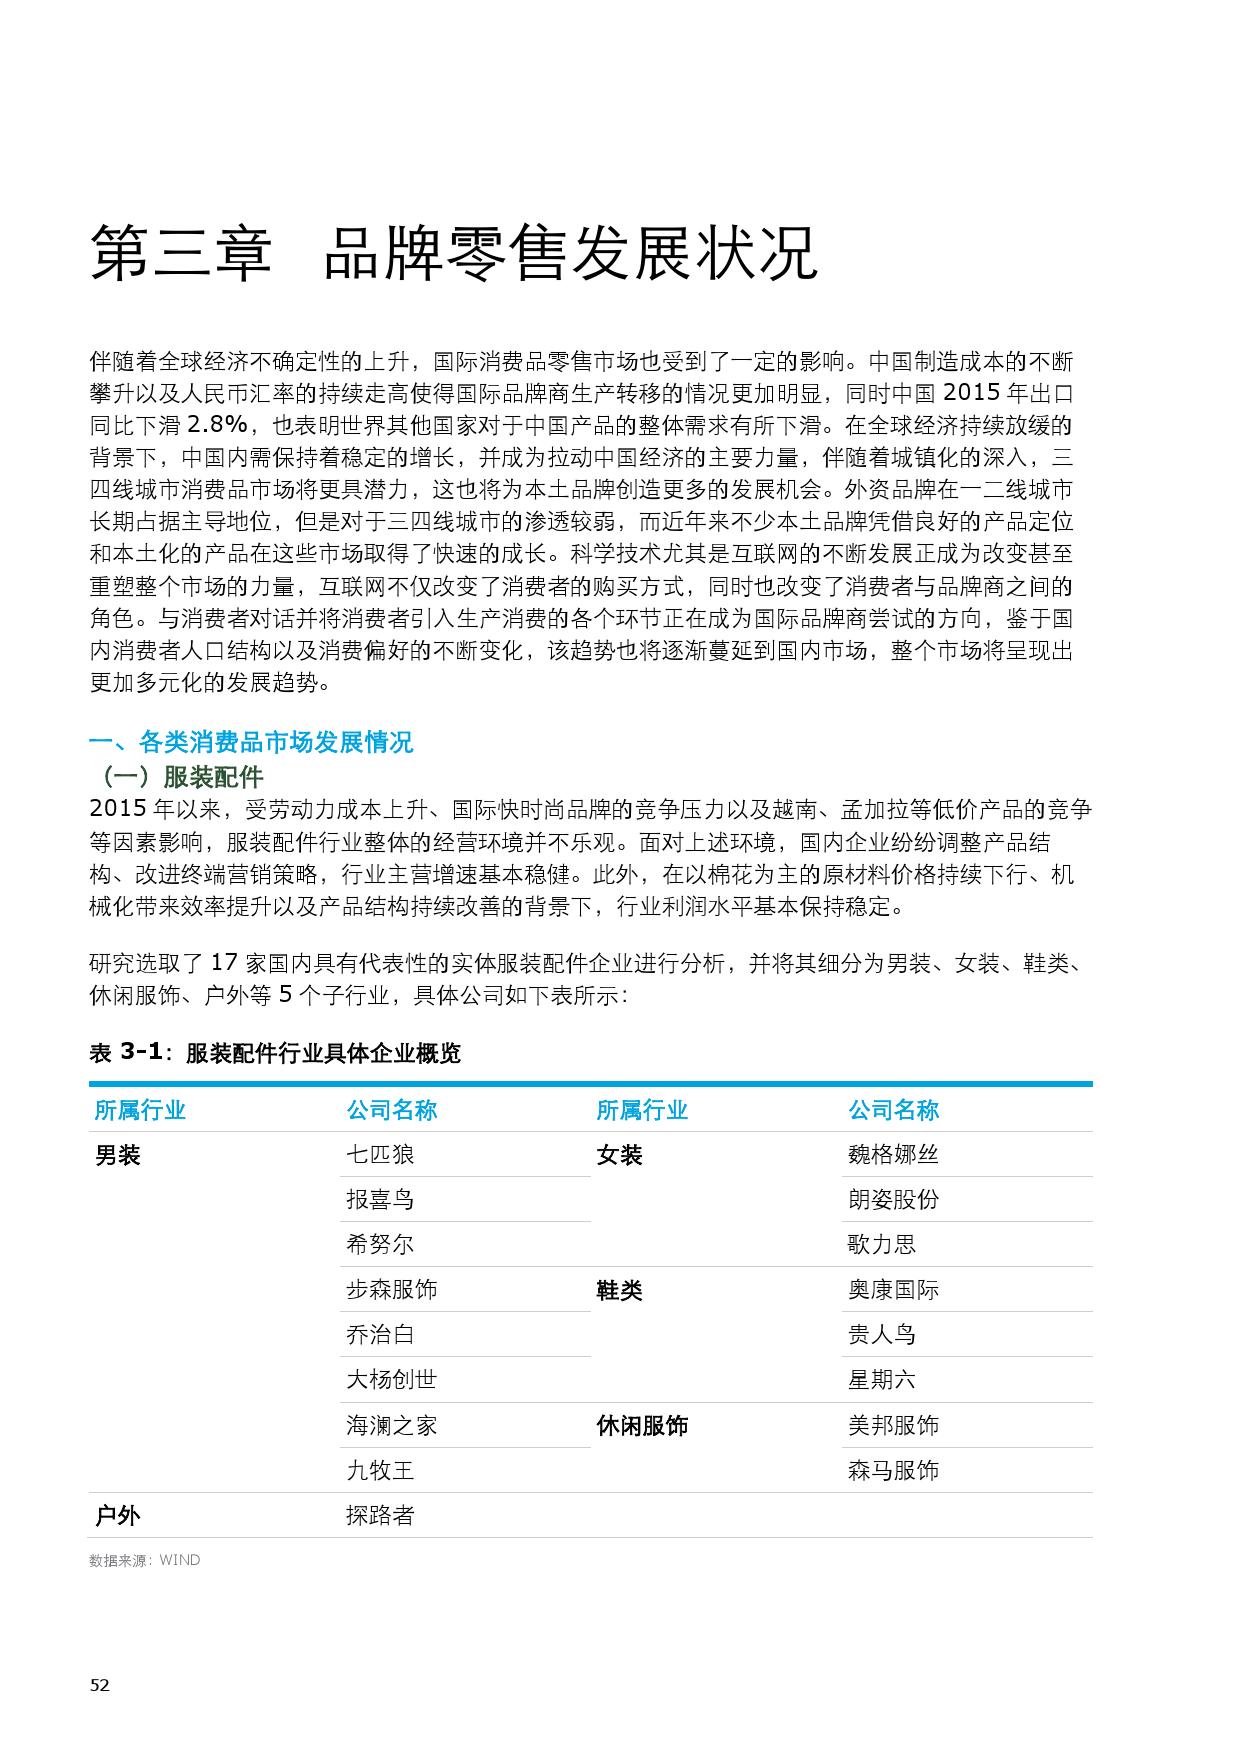 2015中国零售产业投资促进报告_000060